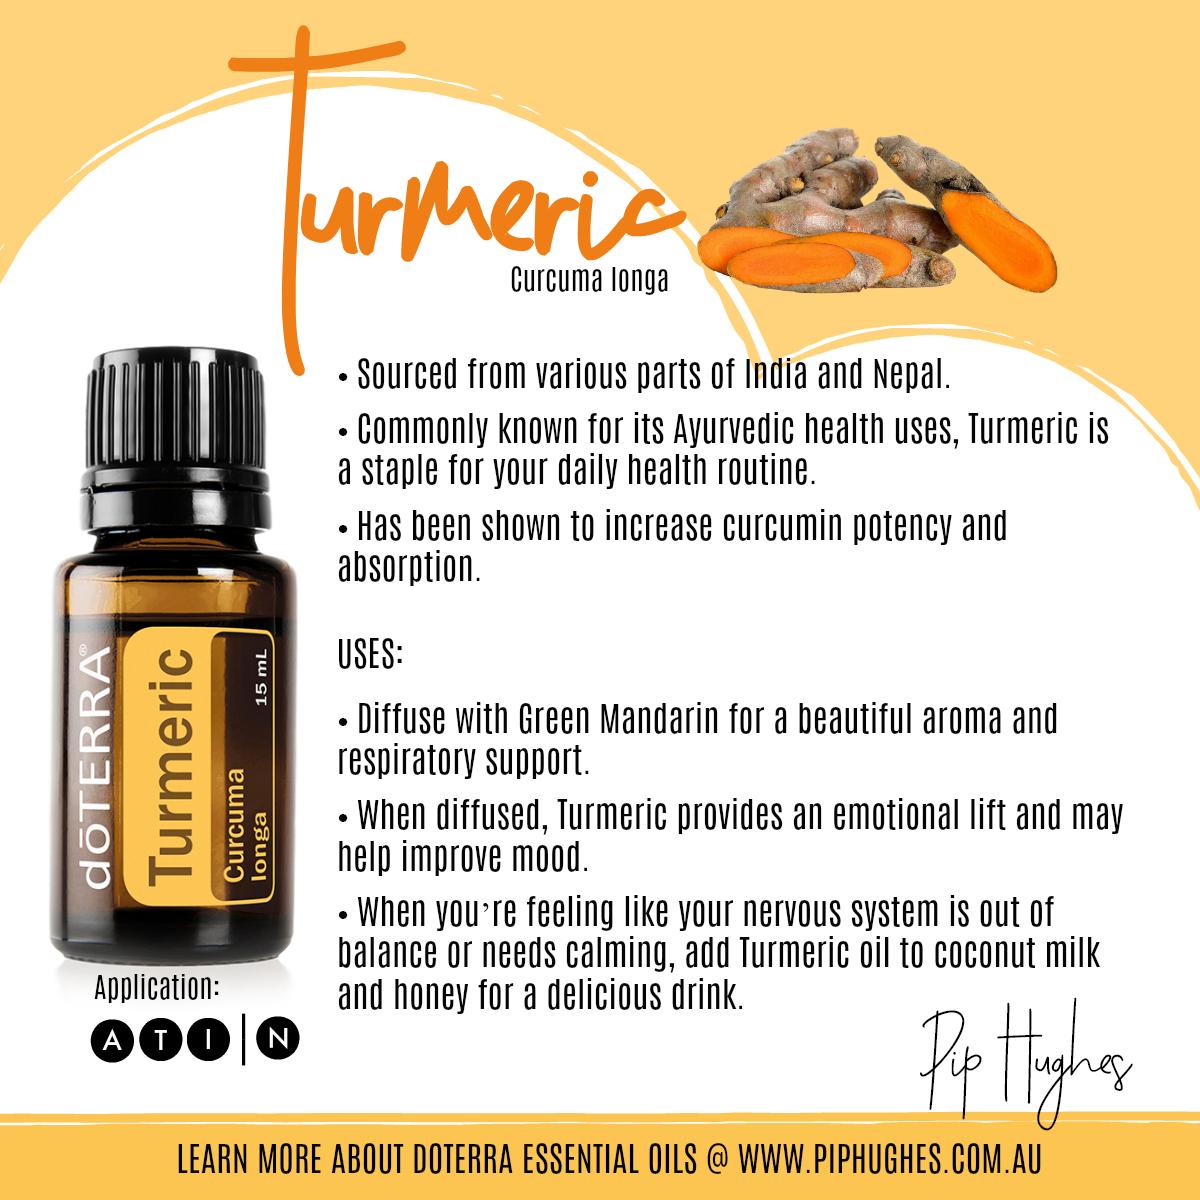 aceite esencial de doterra para la disfunción eréctil